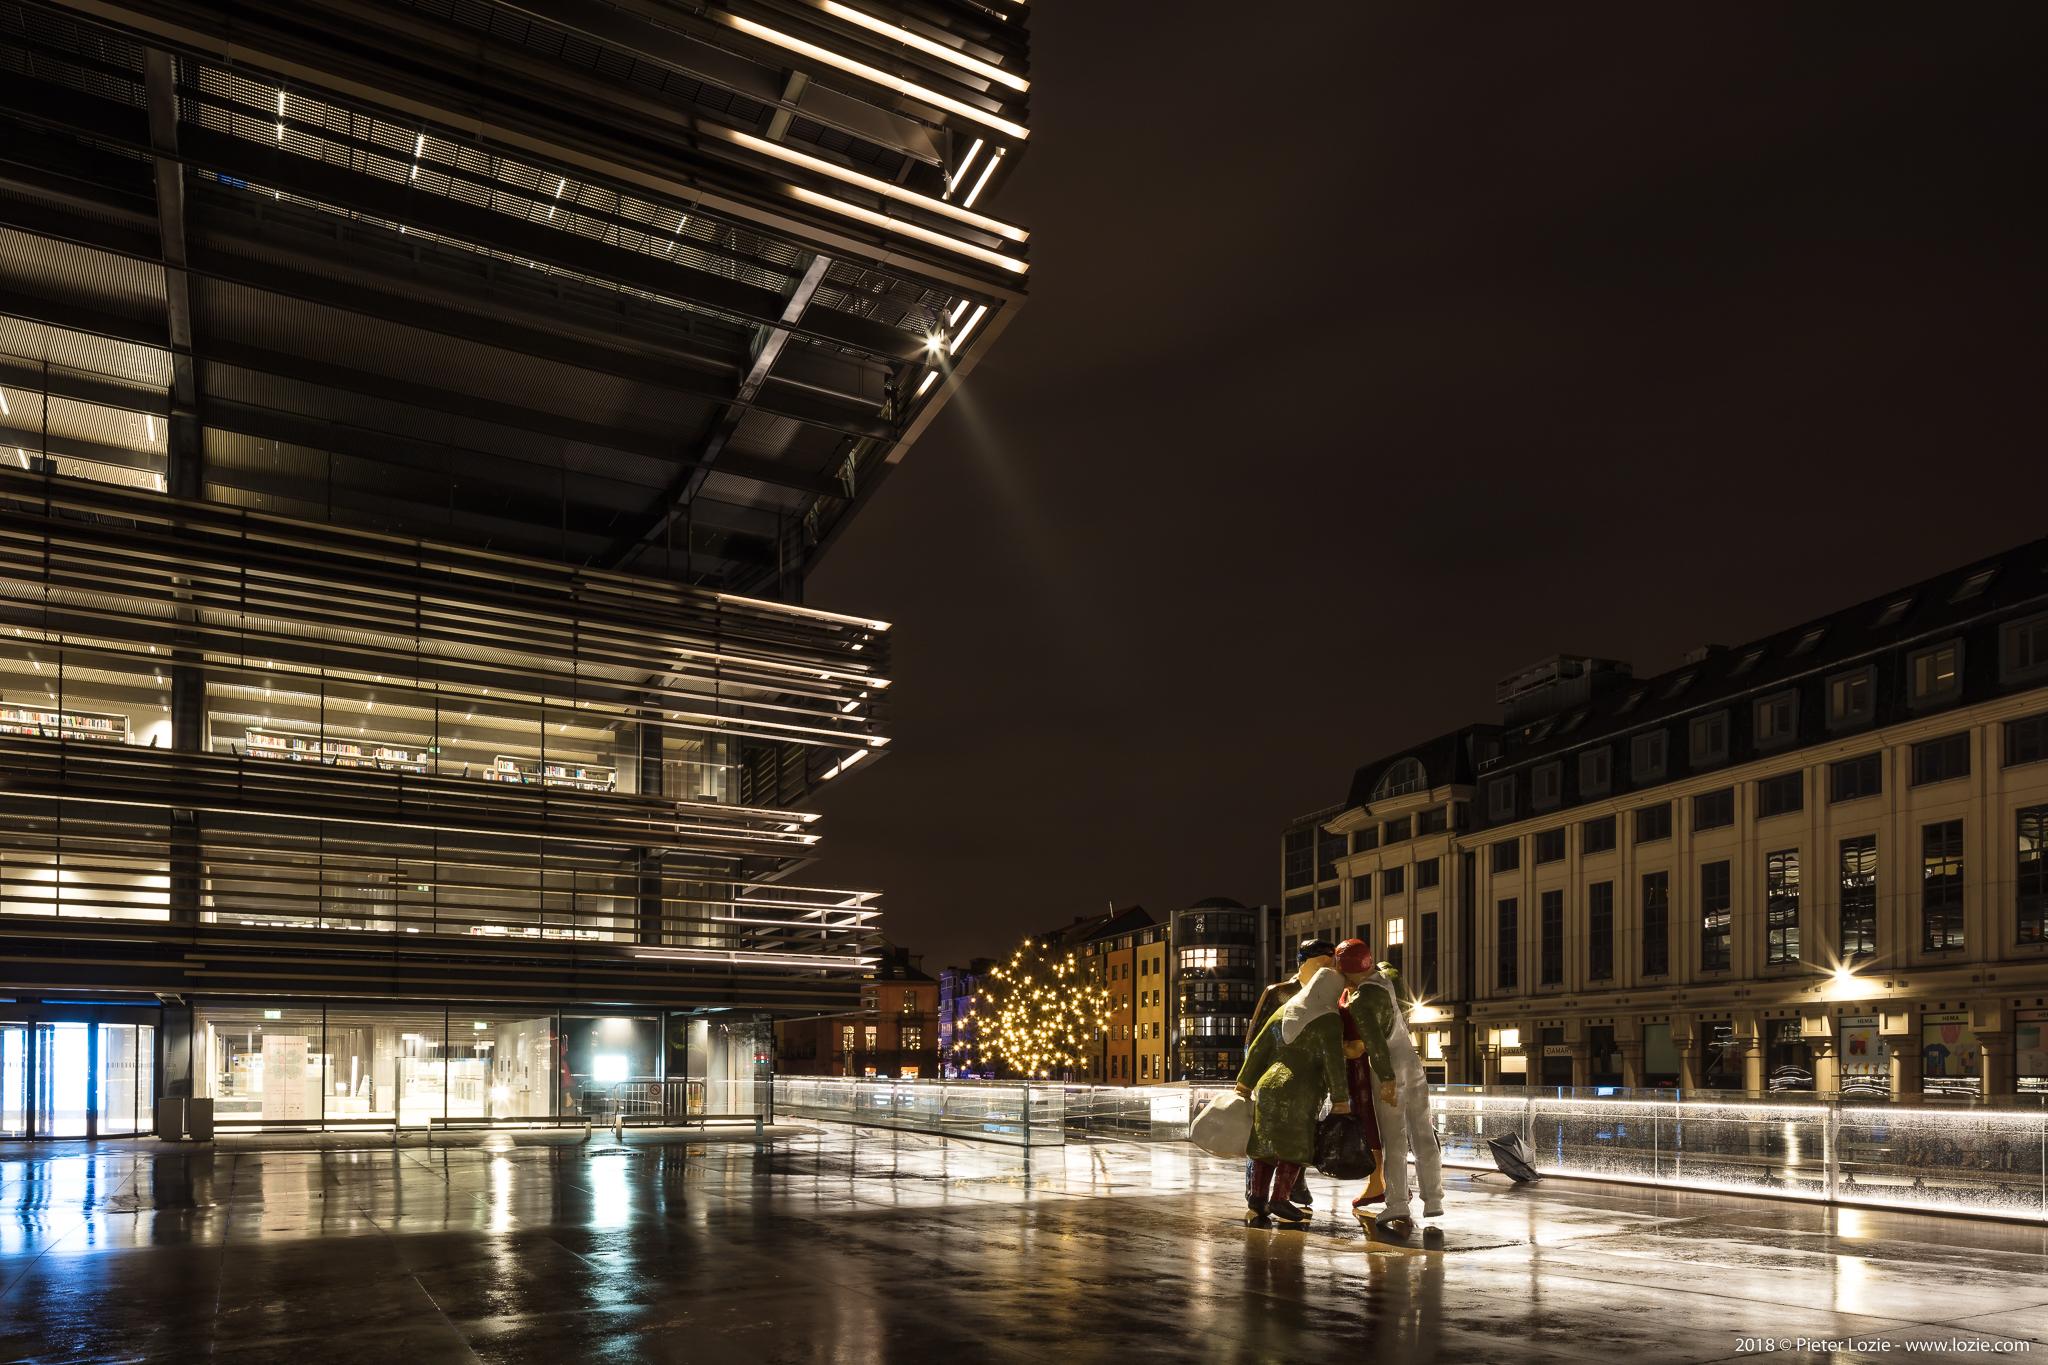 De Krook & Een warm nest, Lichtfestival 2018, Gent